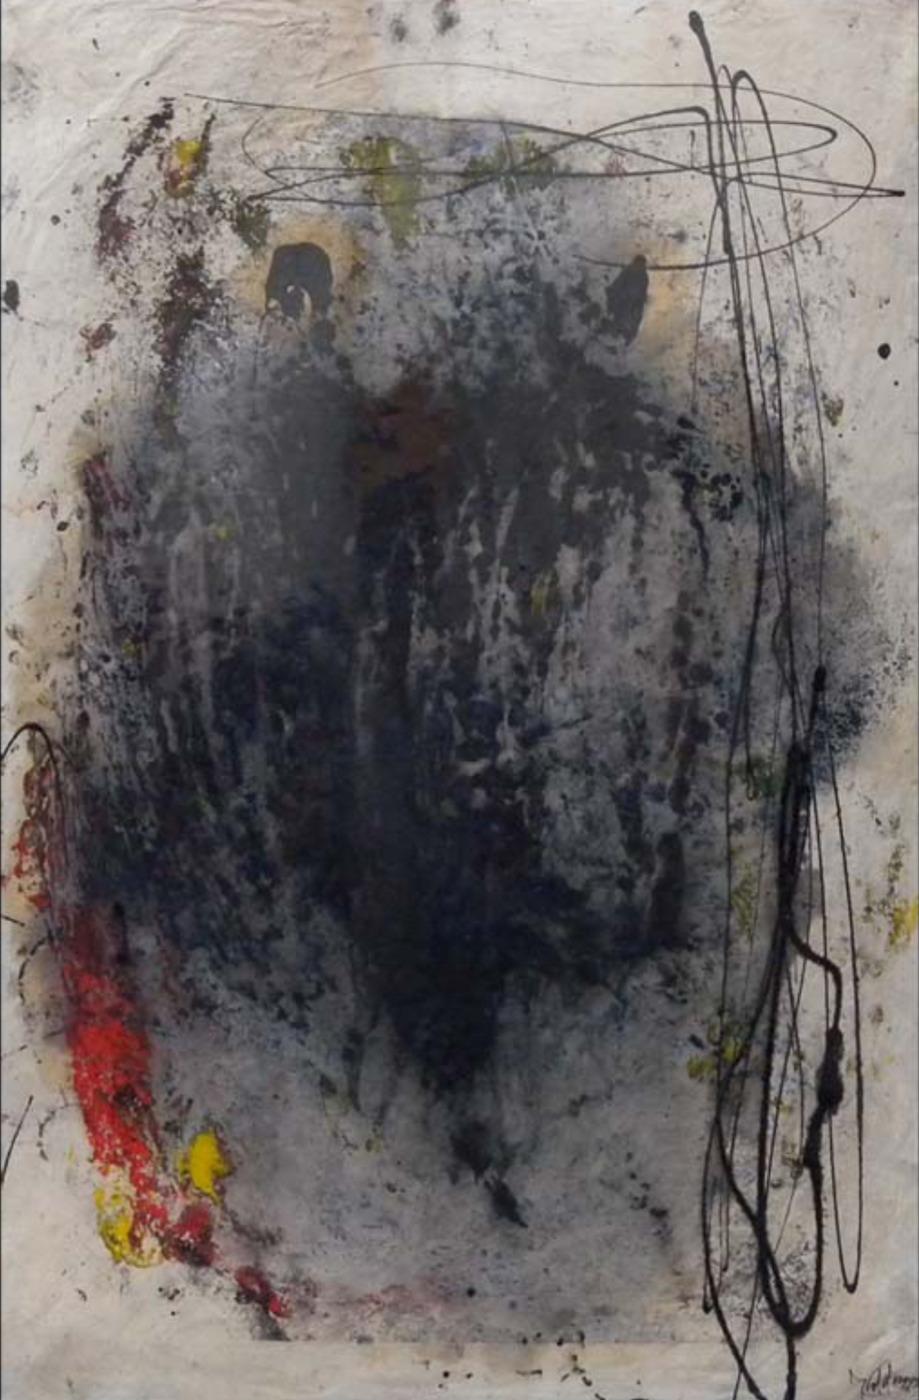 MARC FELD 1999 SONG FOR DANIEL DOBBELS 1 Huile pigment sur papier sur papier marouflé sur toile 50 x 76 cm